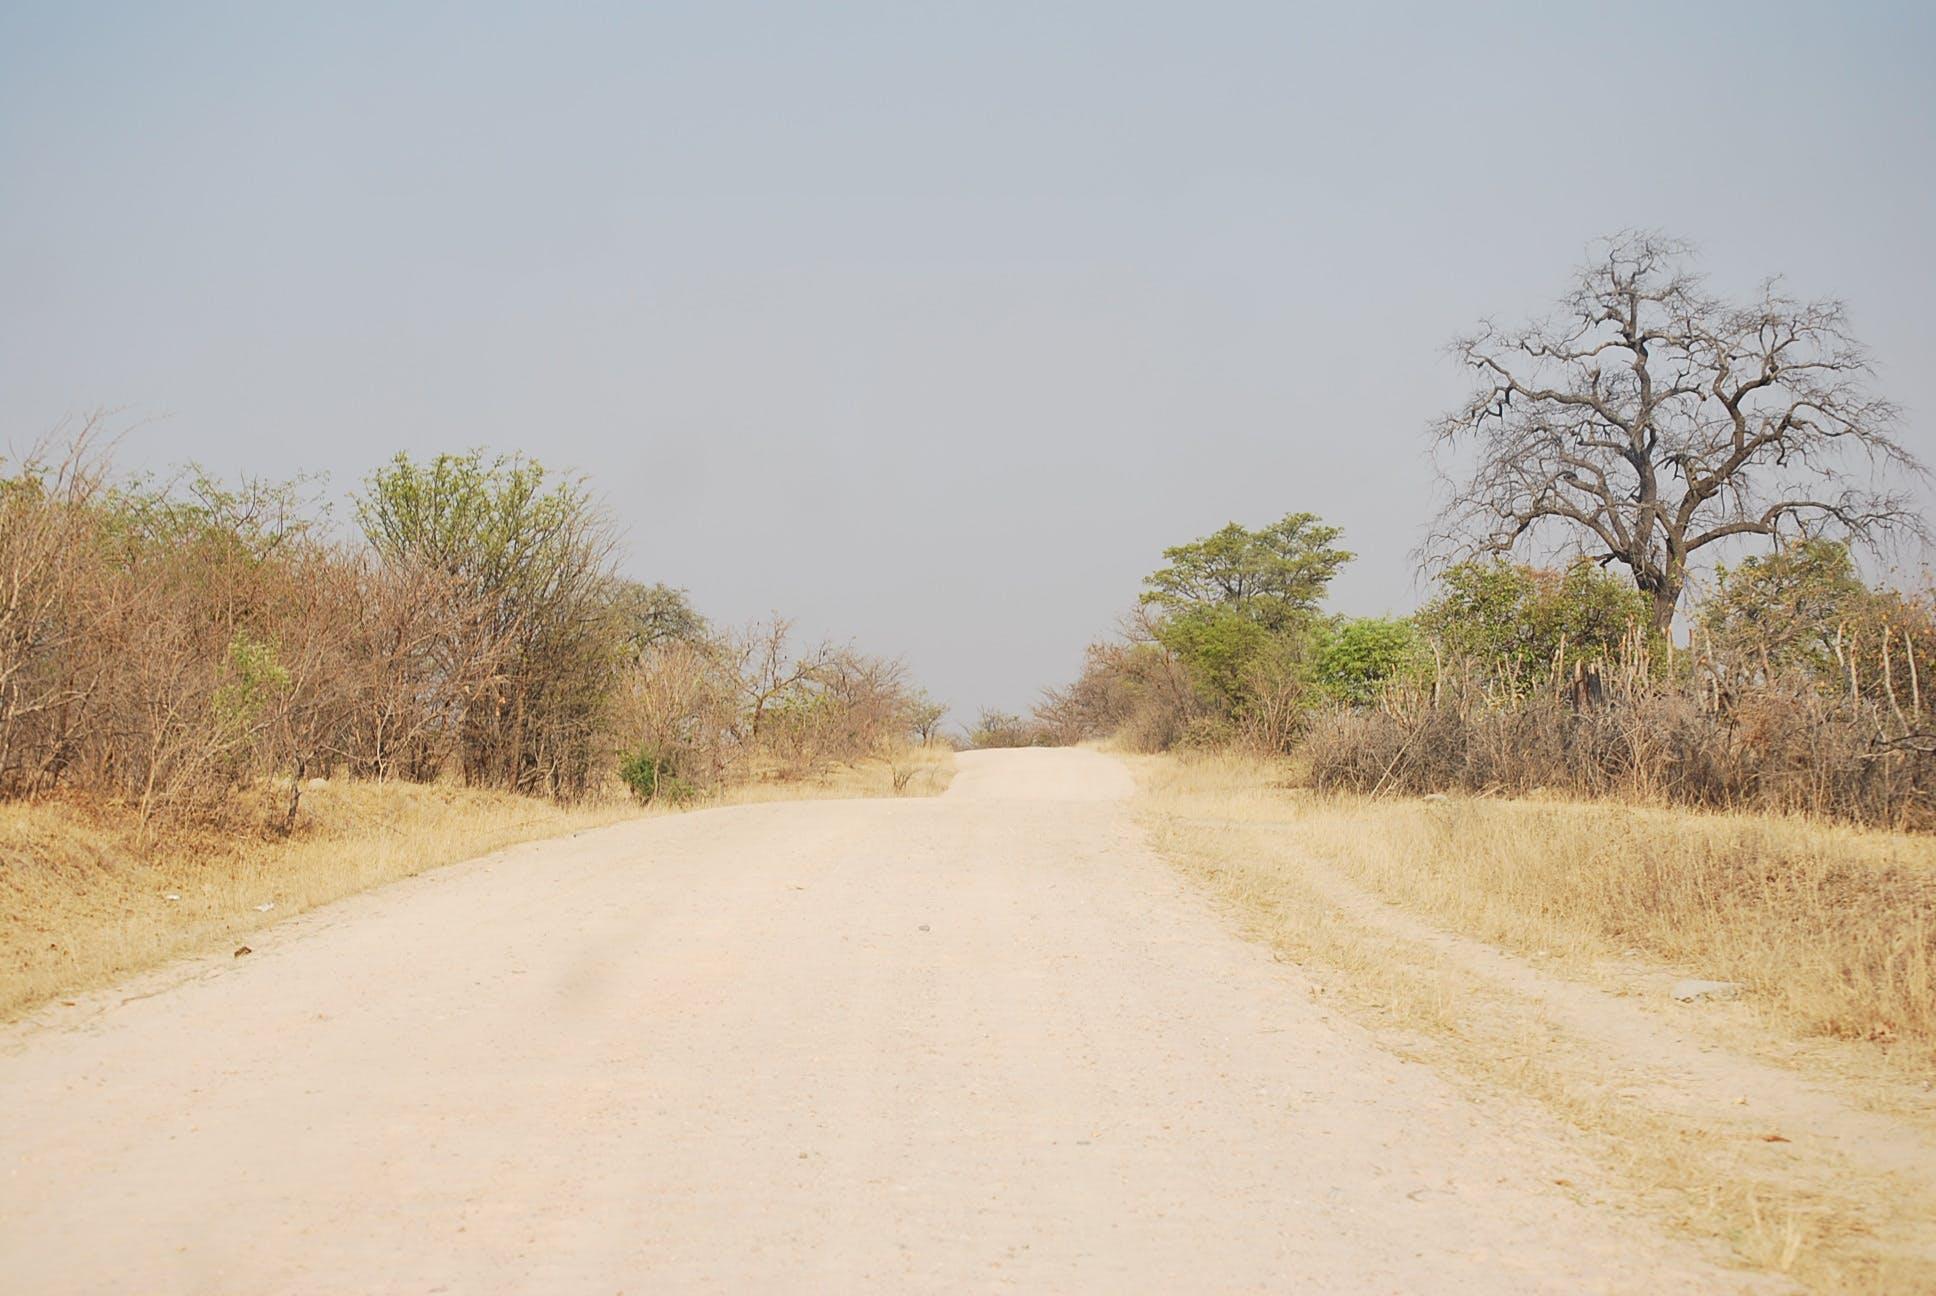 Gratis lagerfoto af vejen til verdens ende?